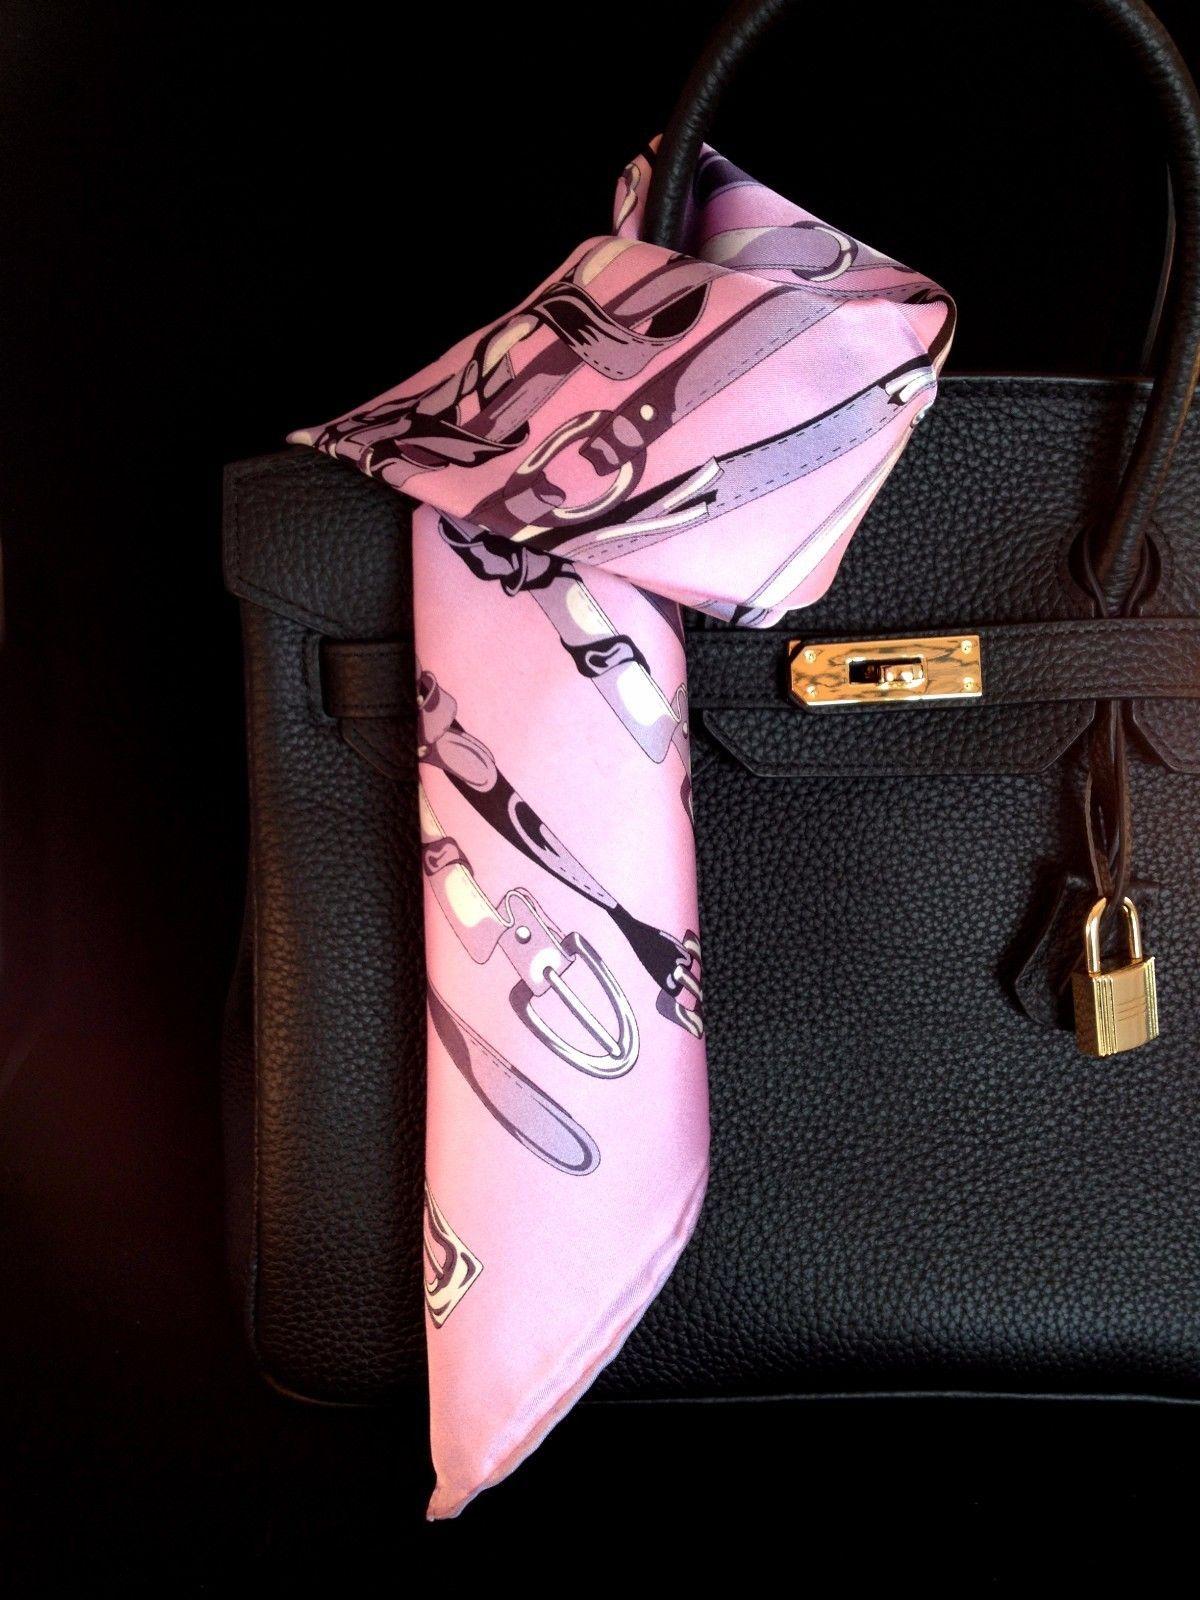 St. Germain 100% Silk Twill Scarf Hand Rolled Hem Pink Equestrian FREE SCARF RIN